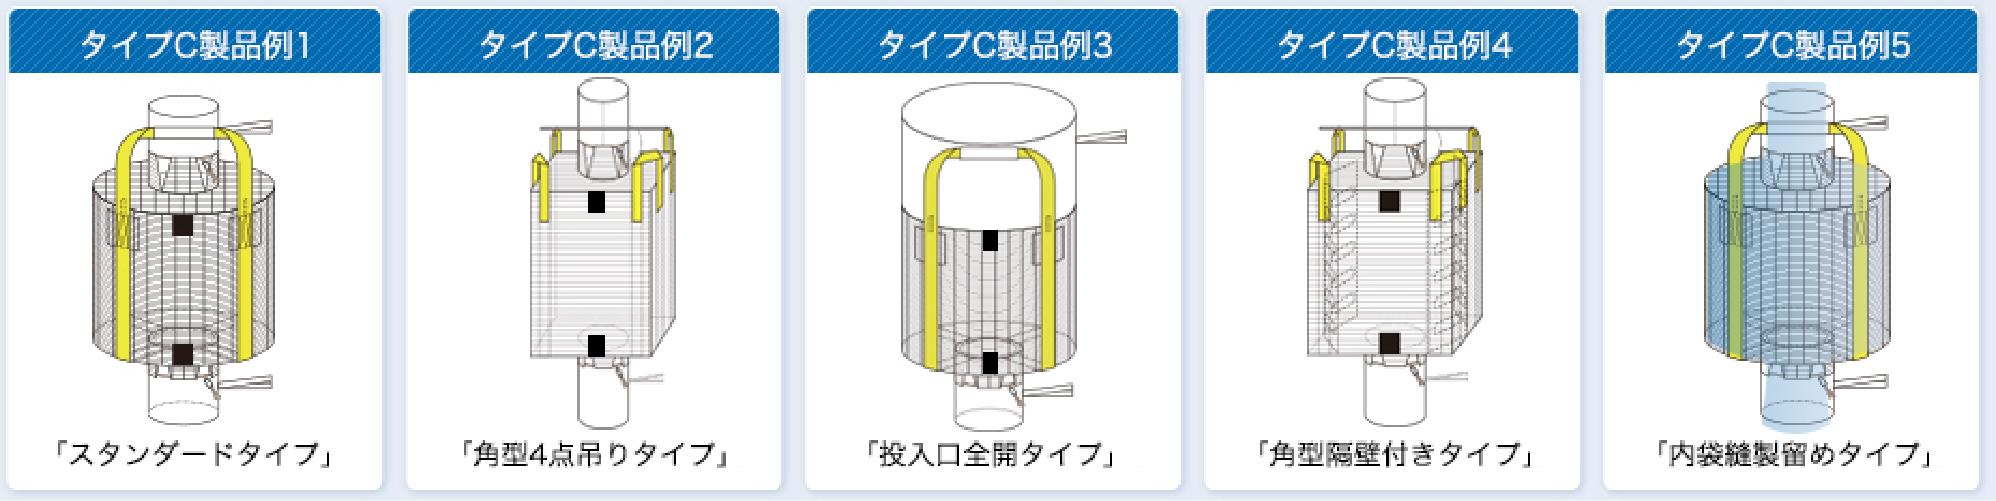 導電性(Type C)フレコンバッグ取り扱い製品一覧